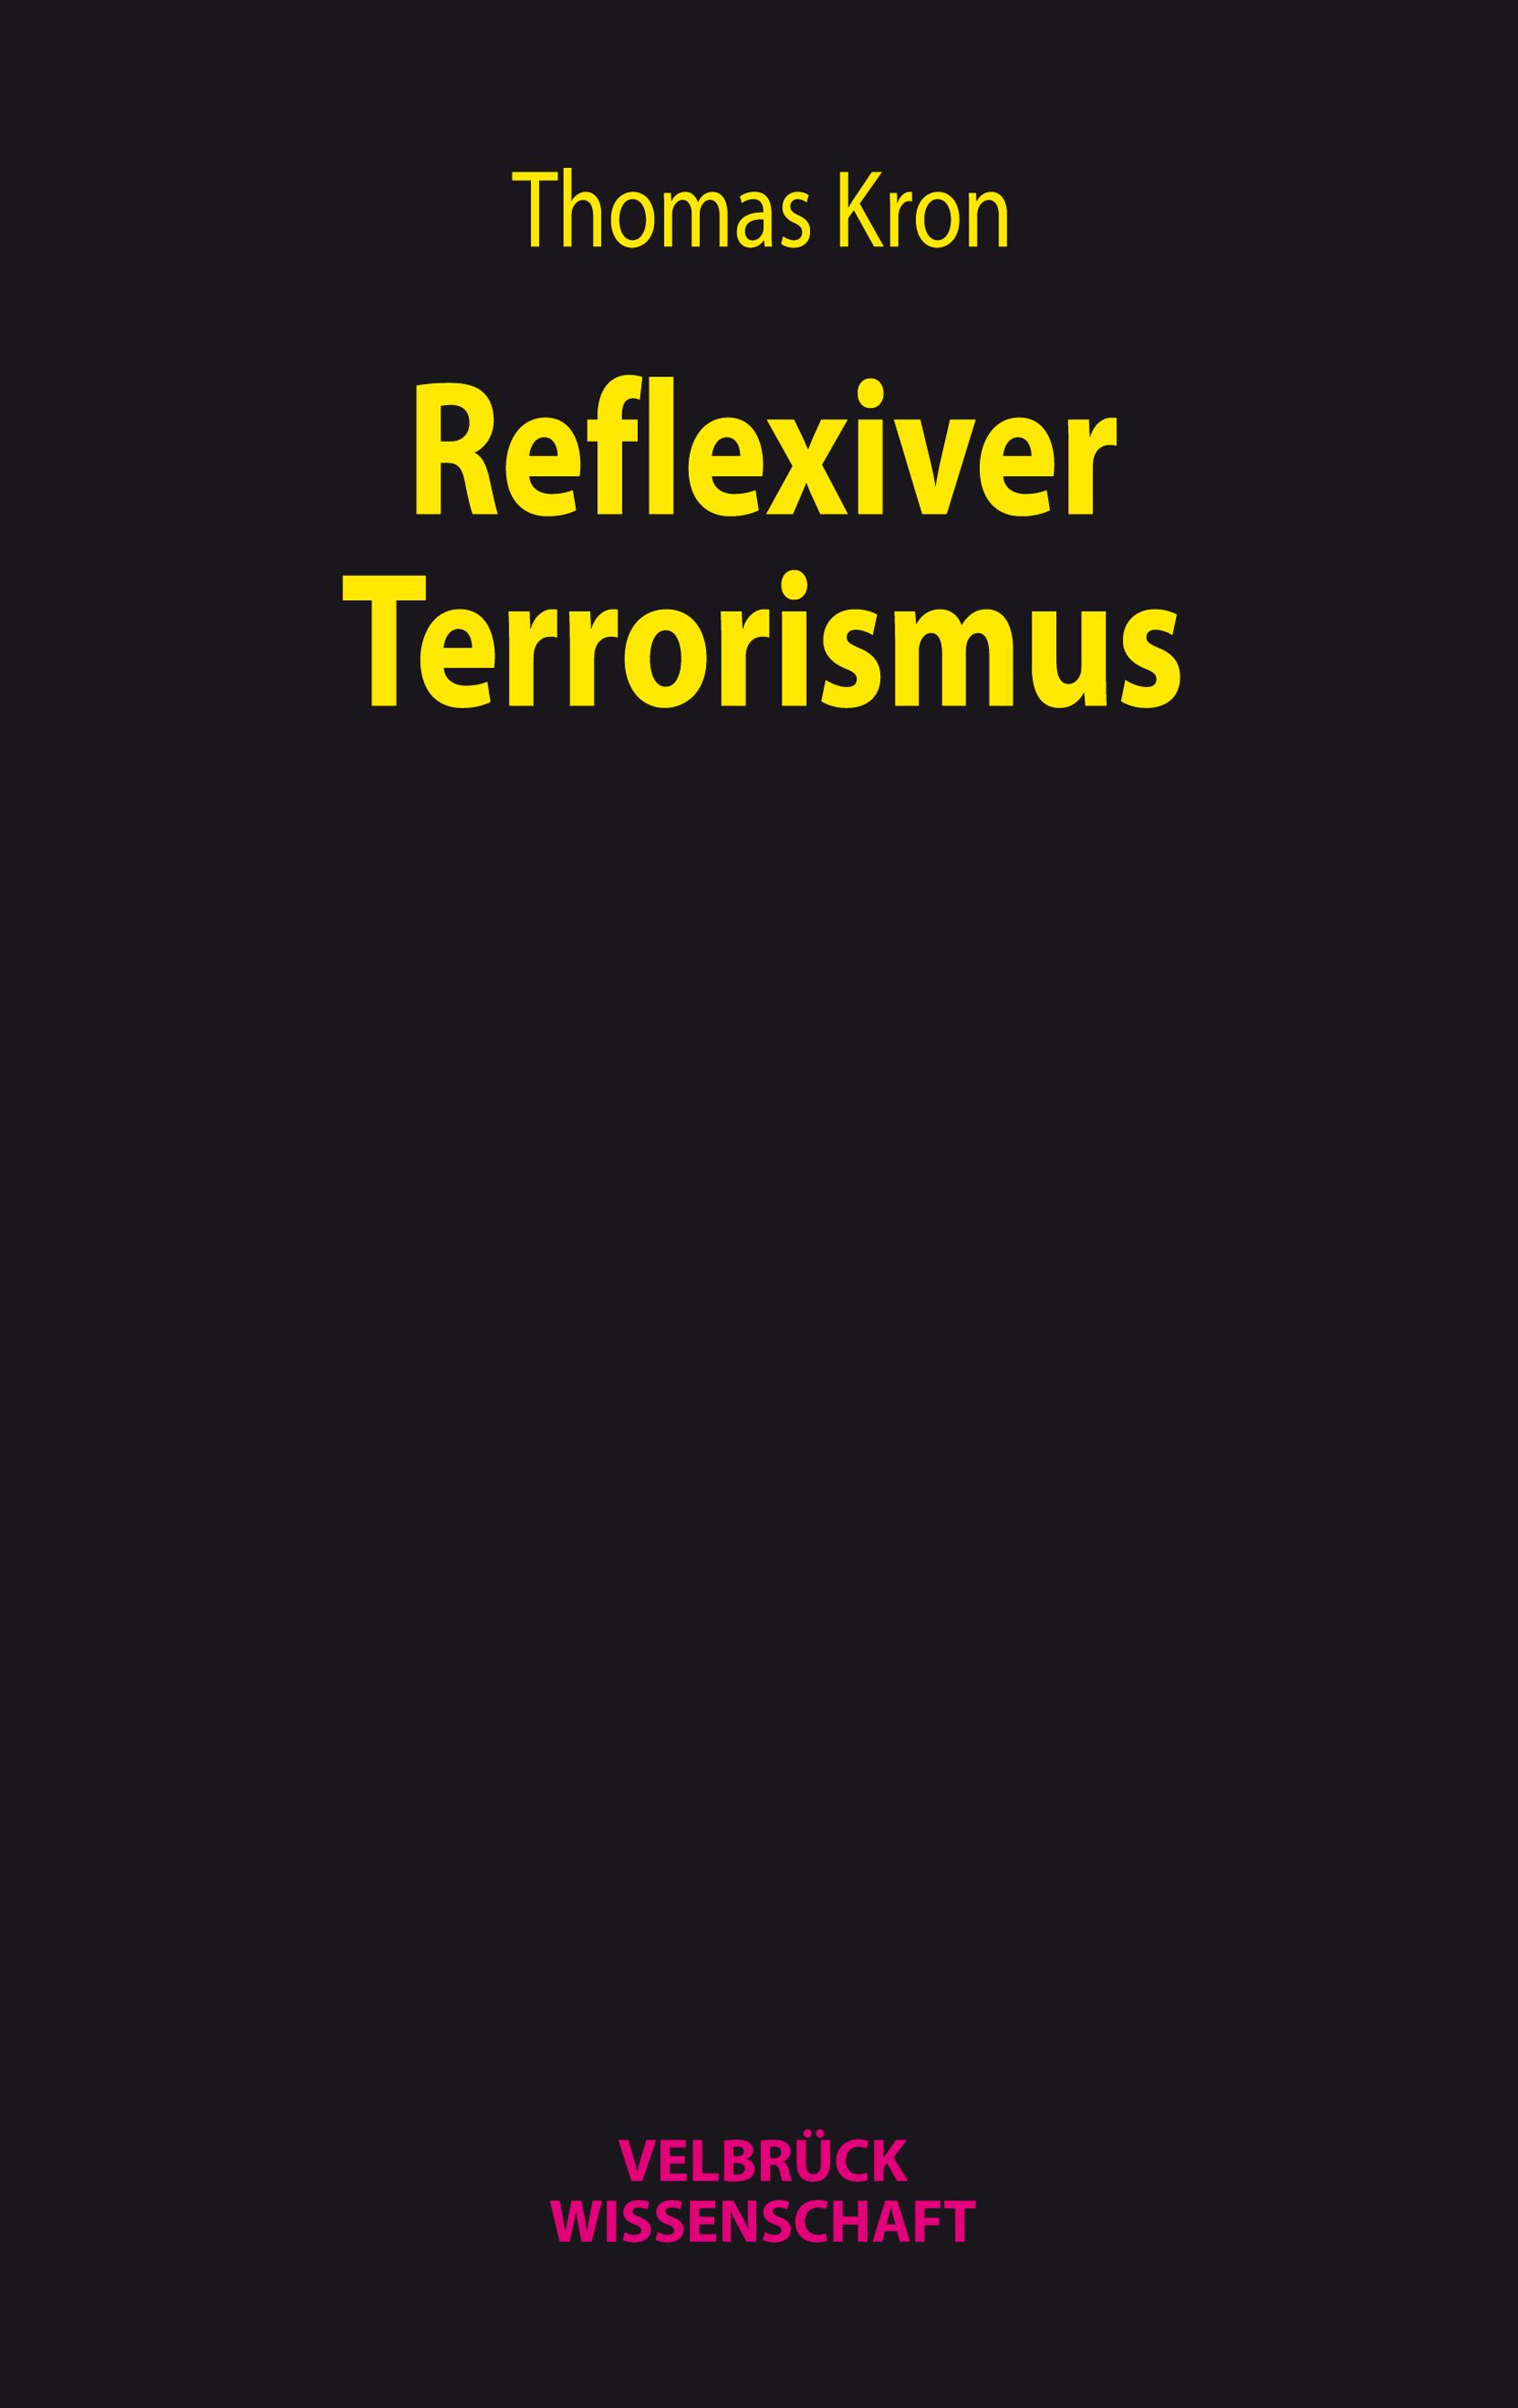 Reflexiver Terrorismus - Thomas Kron -  9783958320550